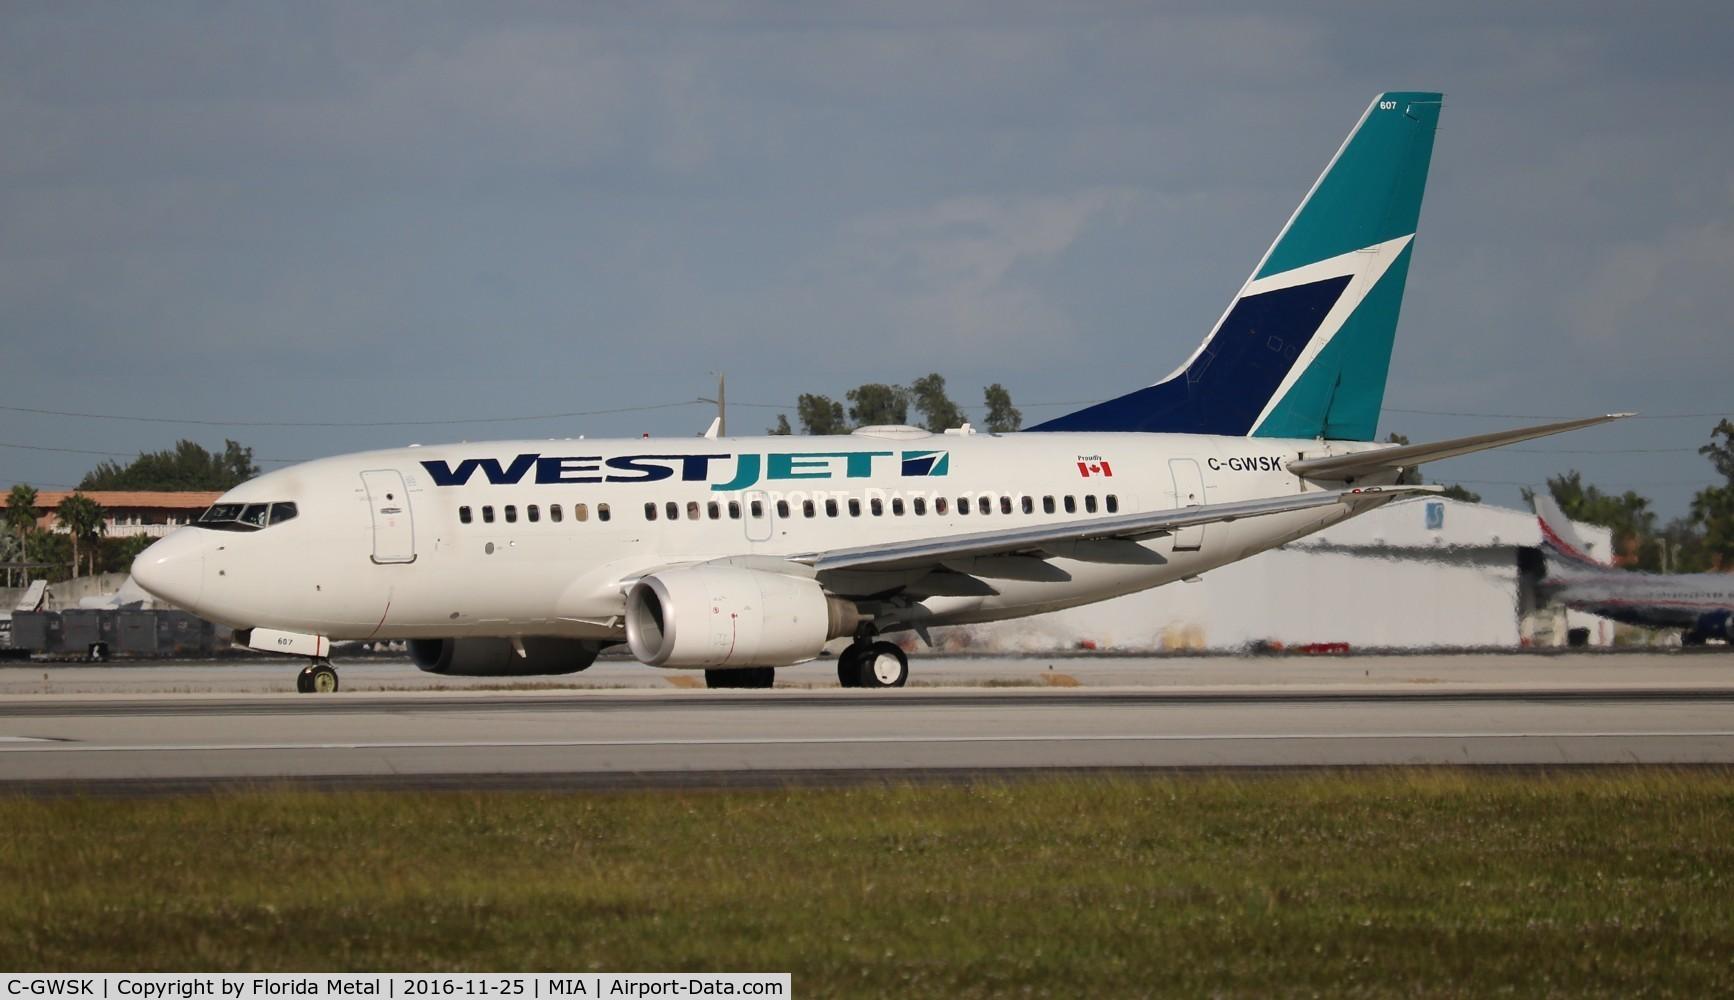 C-GWSK, 2006 Boeing 737-6CT C/N 34287, West Jet